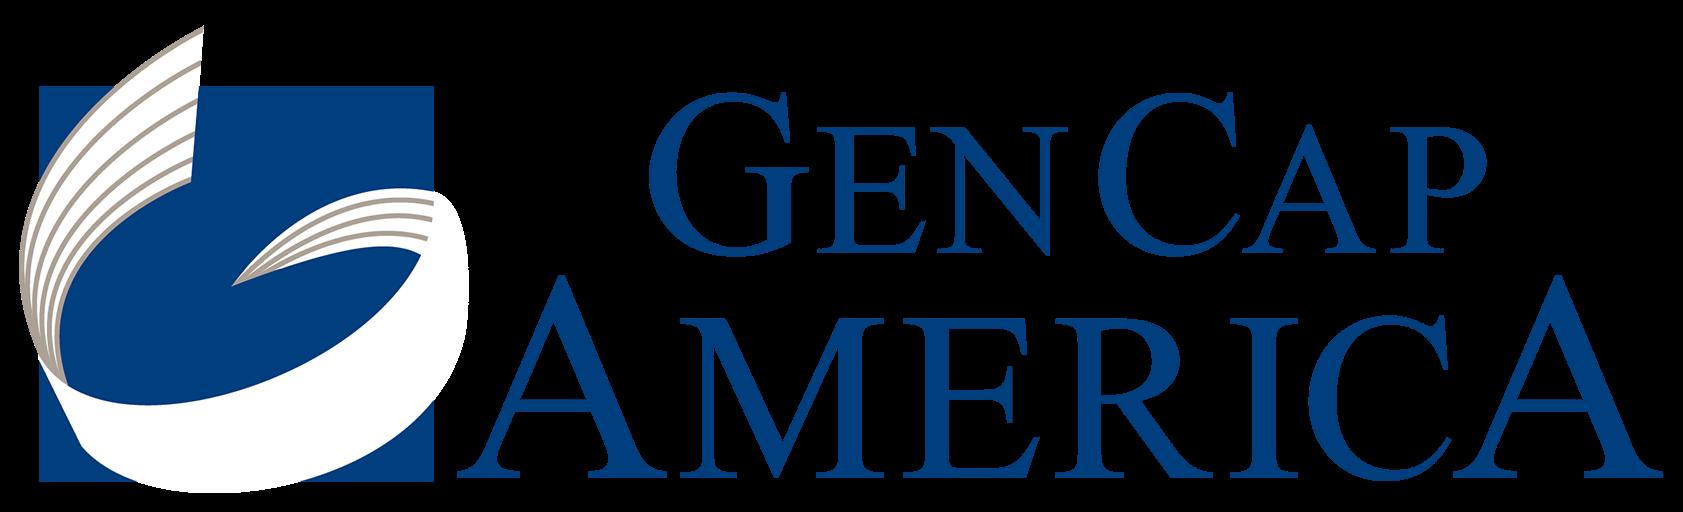 Gen Cap America – Private Equity 439d6703484